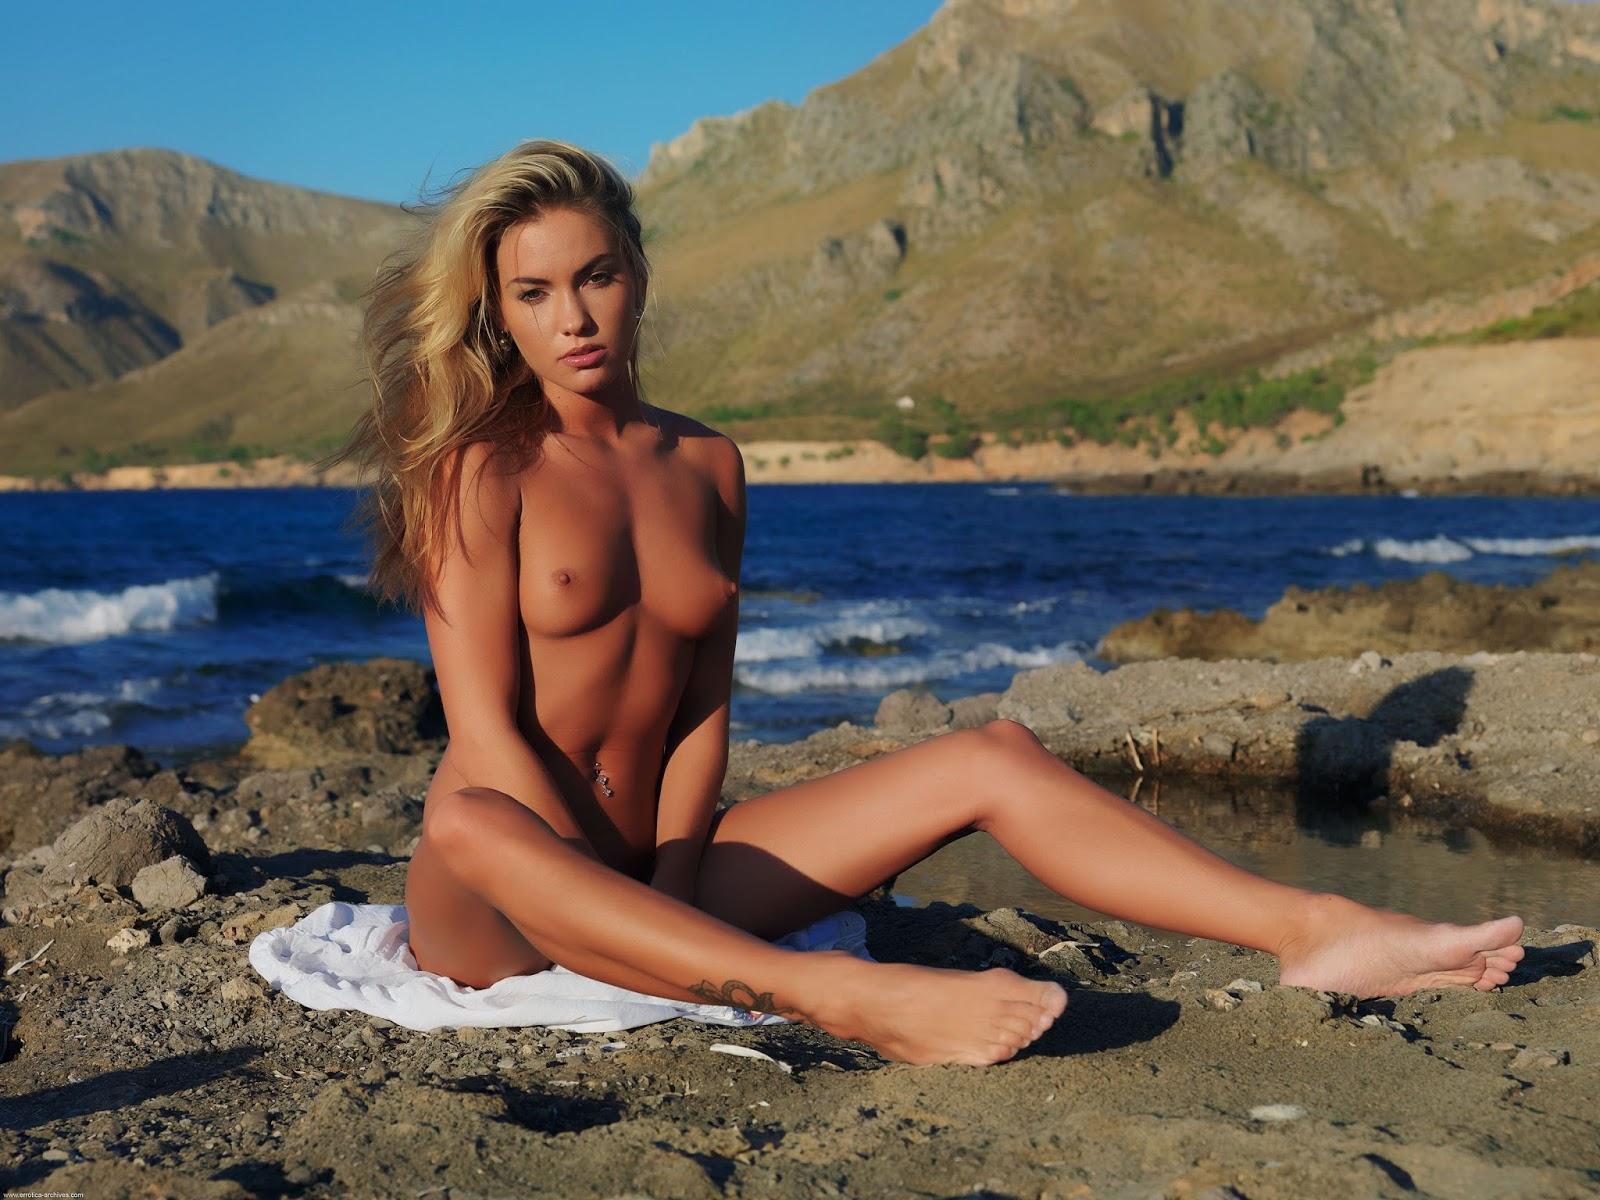 голые девушки крыму смотреть видео - 1